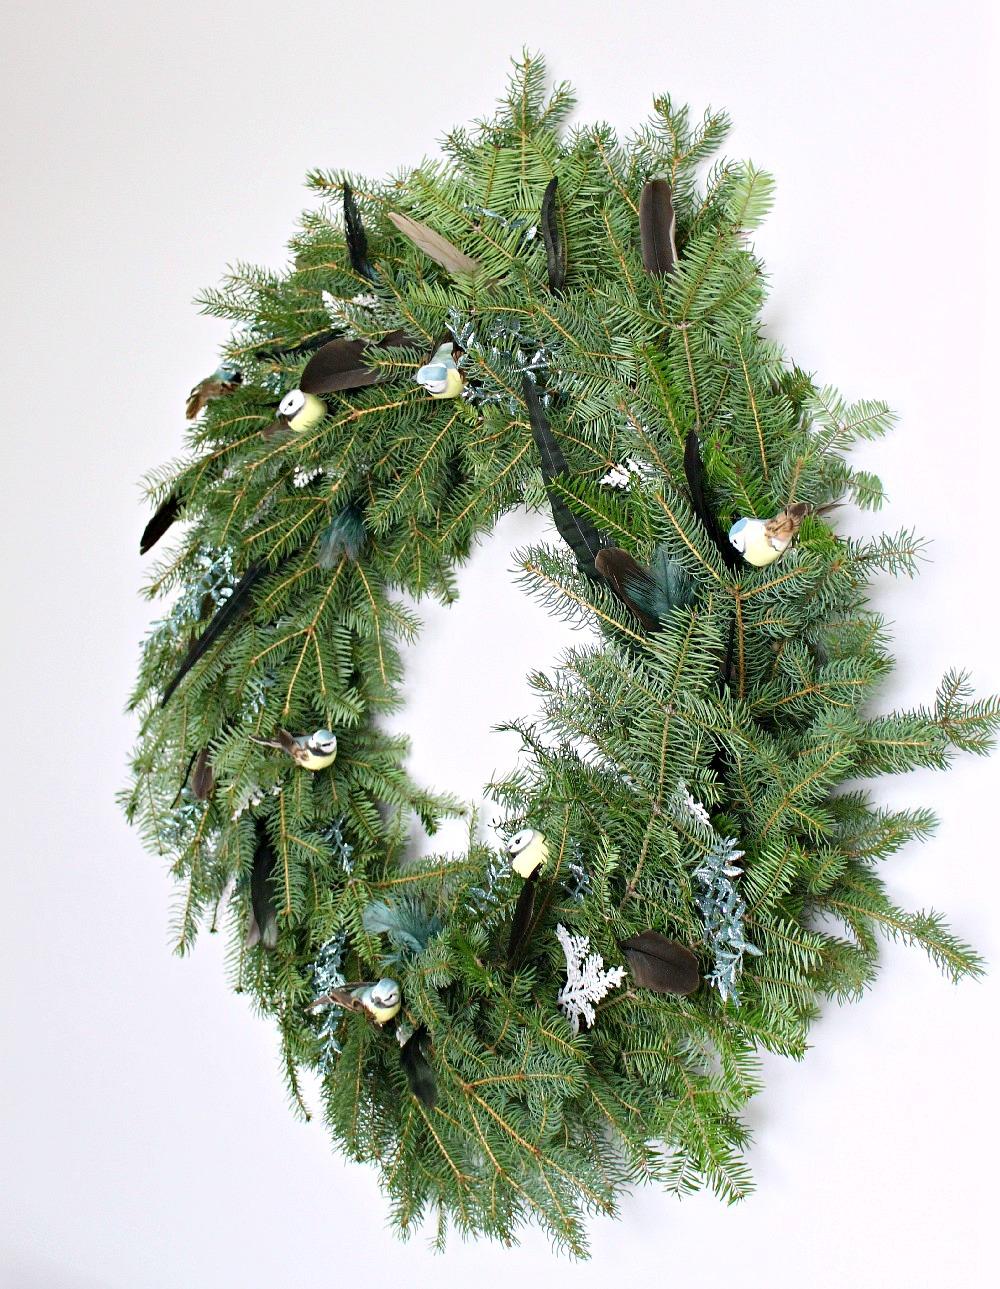 Budget-friendly wreath ideas